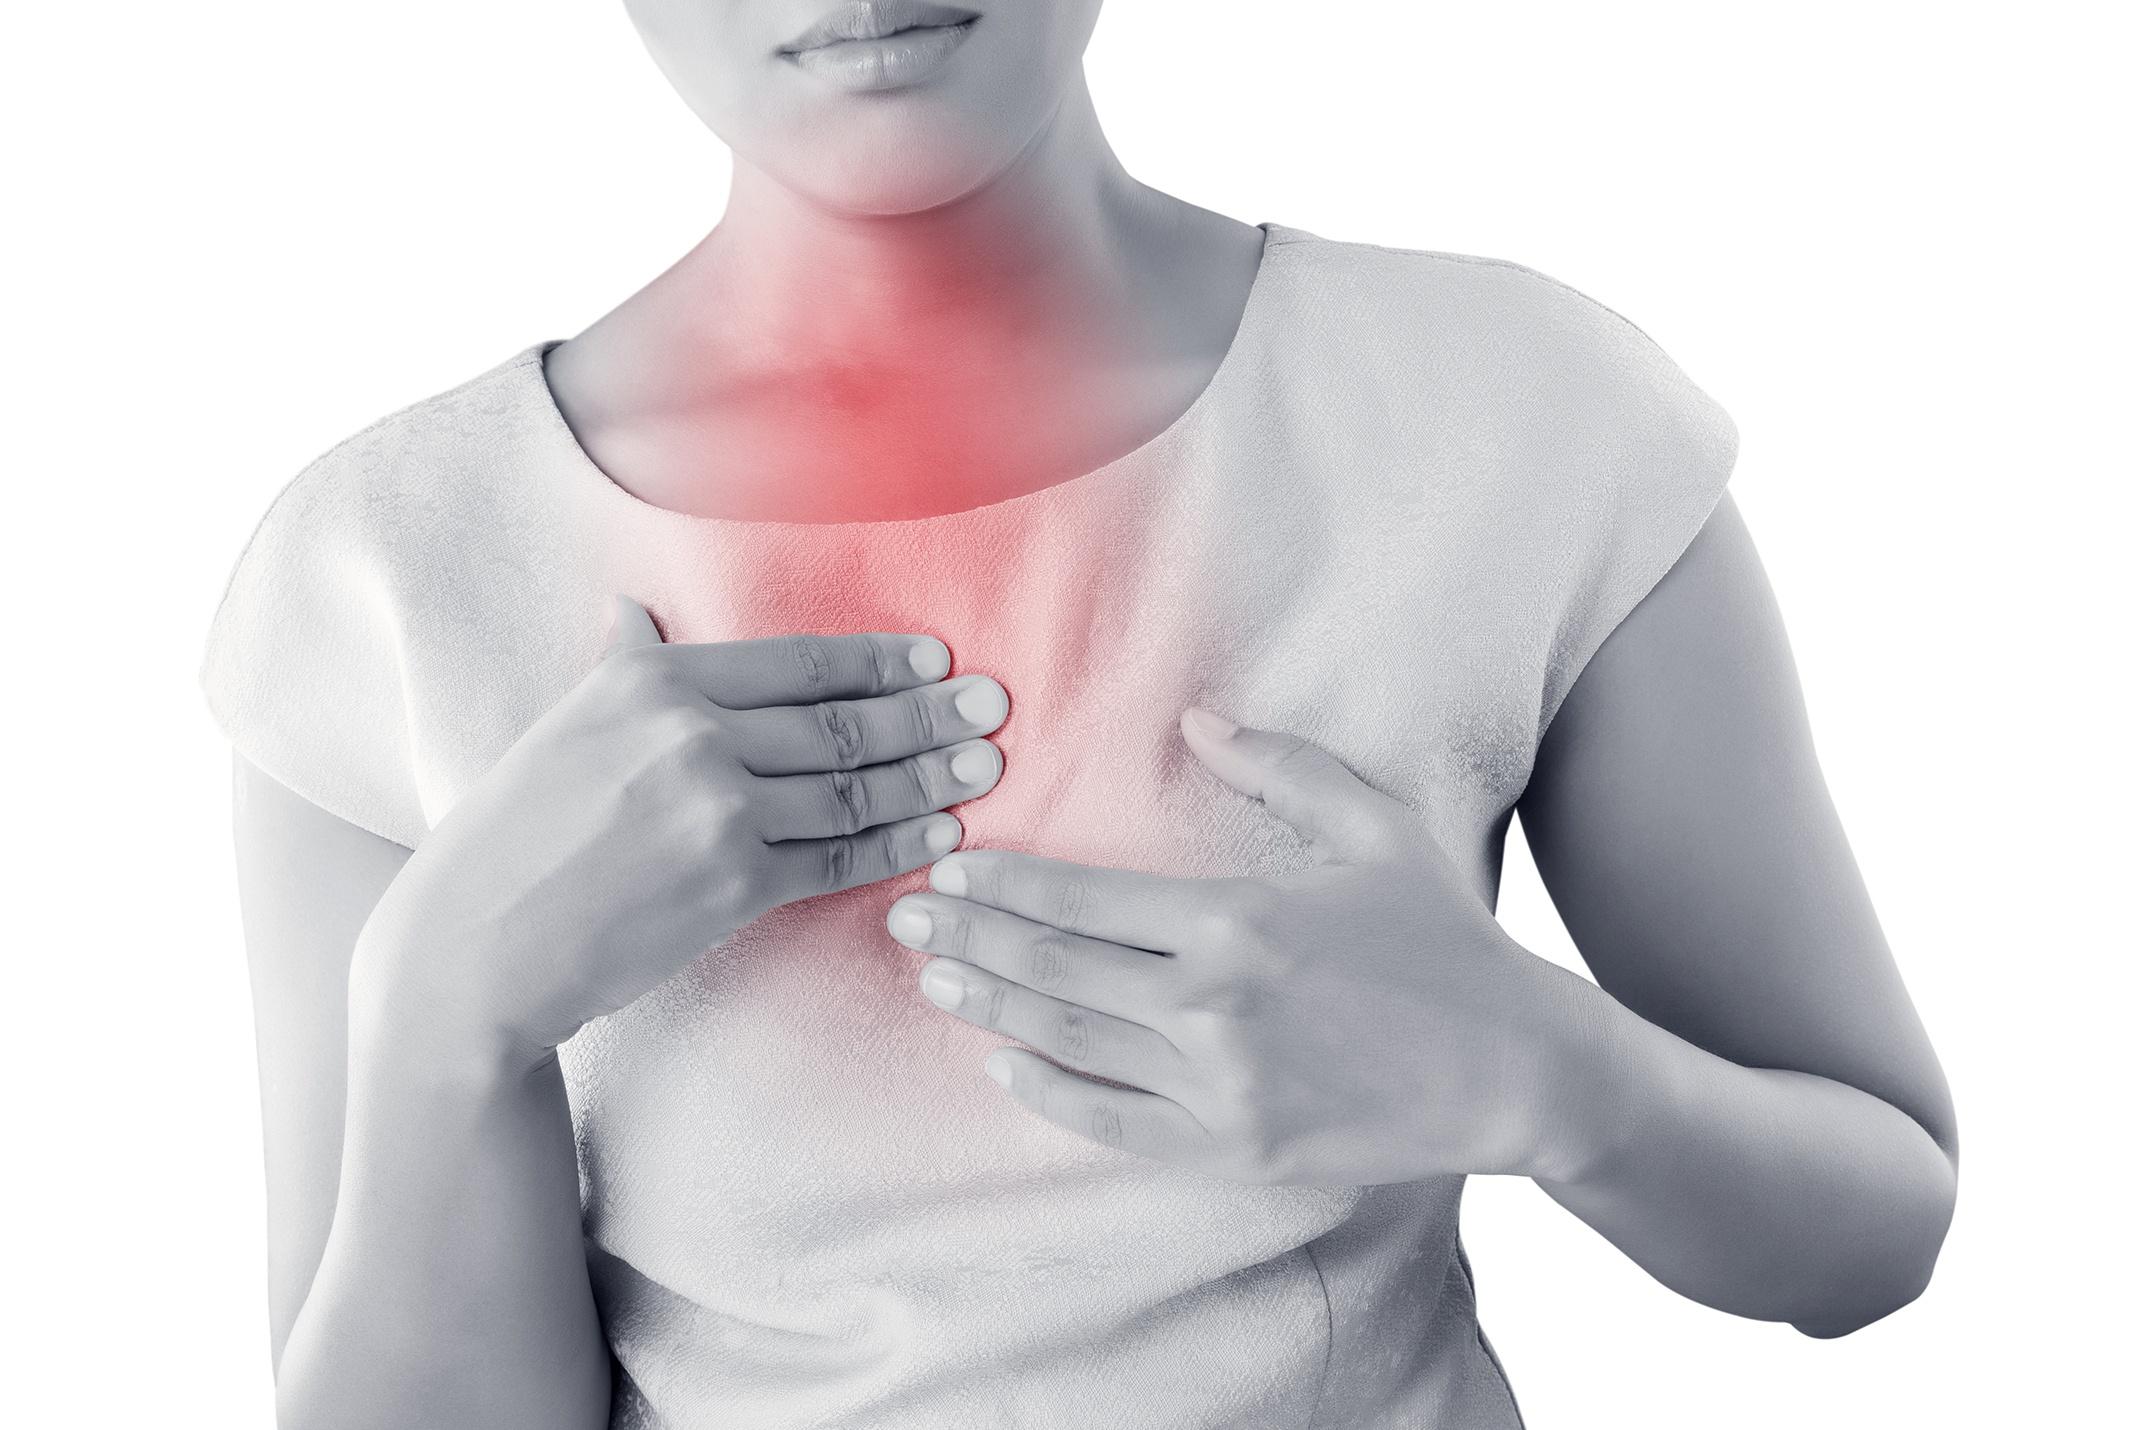 Suplementação de Selênio Melhora Níveis de T3 e T4 em Pacientes com Doença de Graves